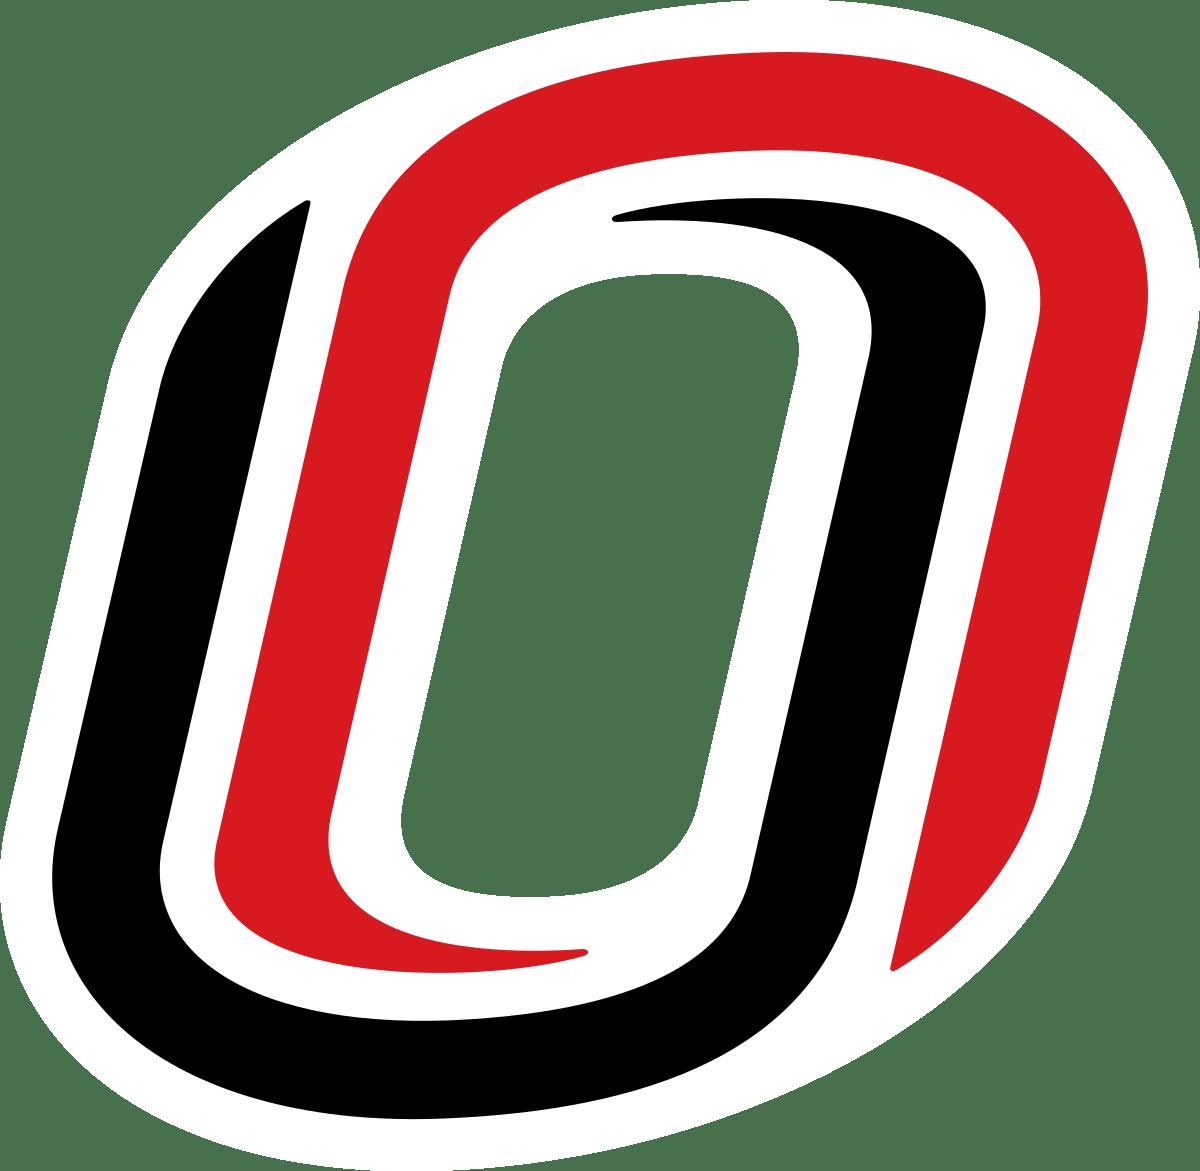 Omaha Mavericks Touchscreen Hall of Fame